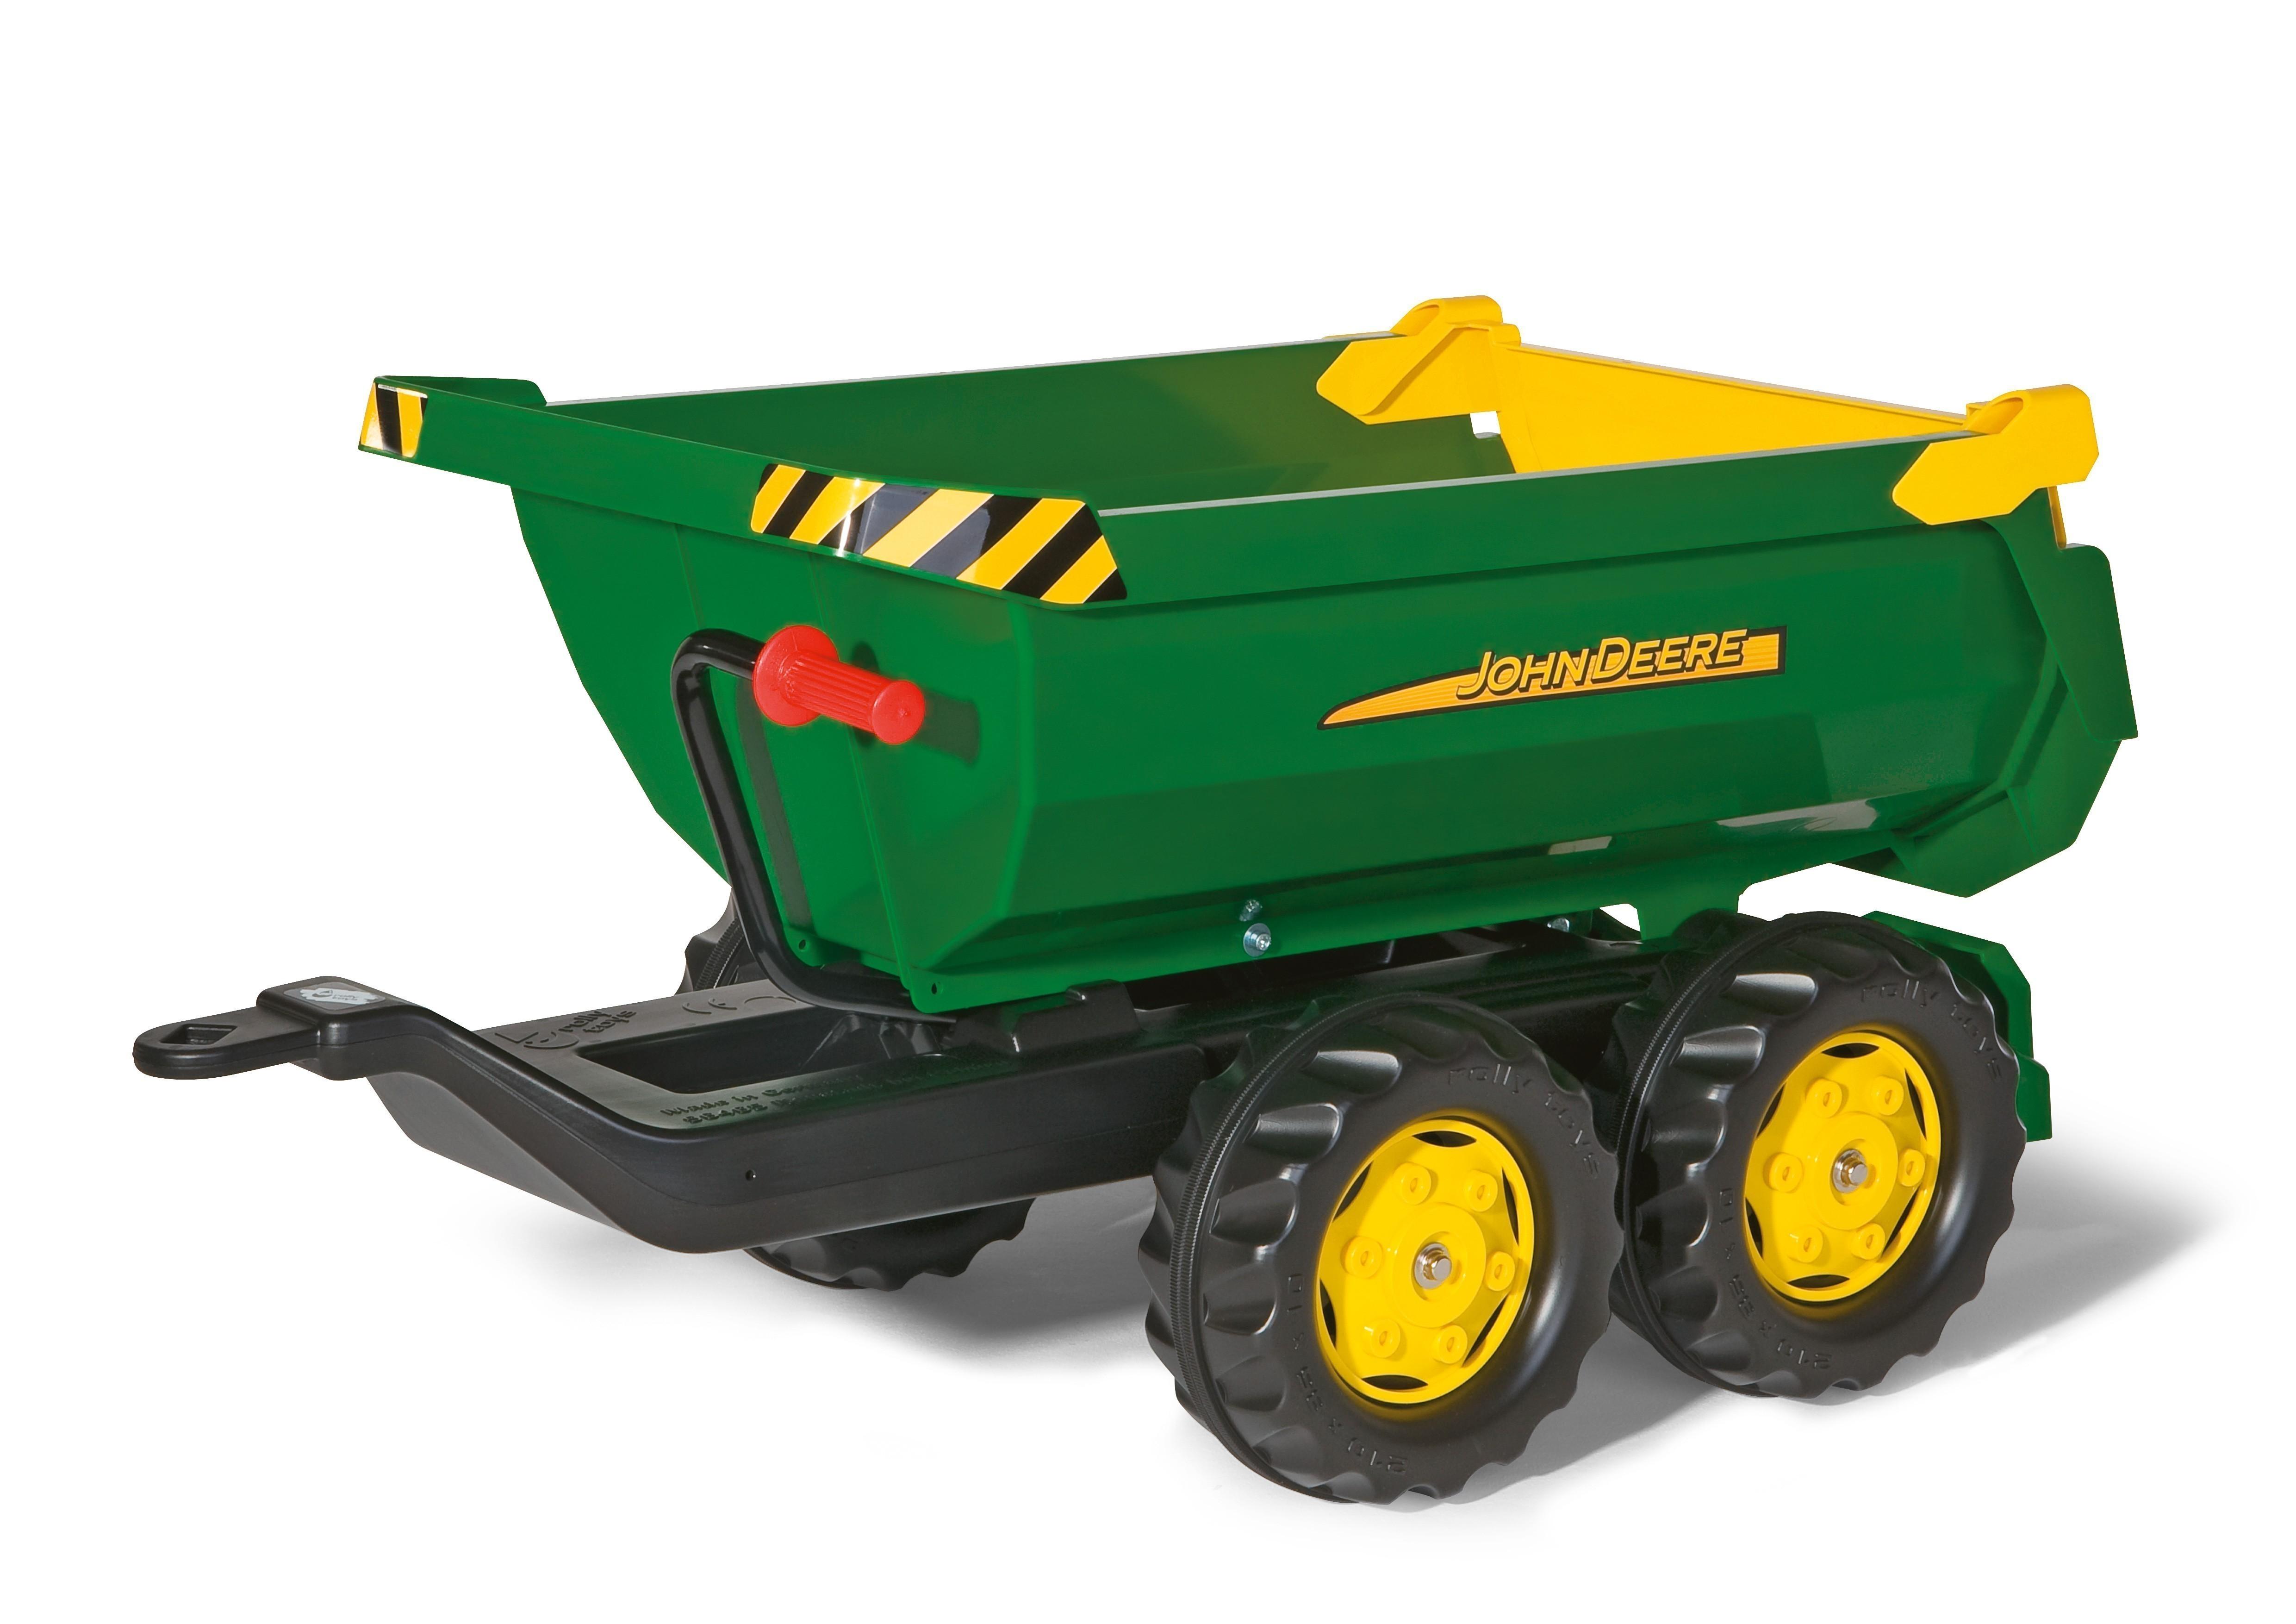 Anhänger für Tretfahrzeug rolly Halfpipe John Deere - Rolly Toys Bild 1